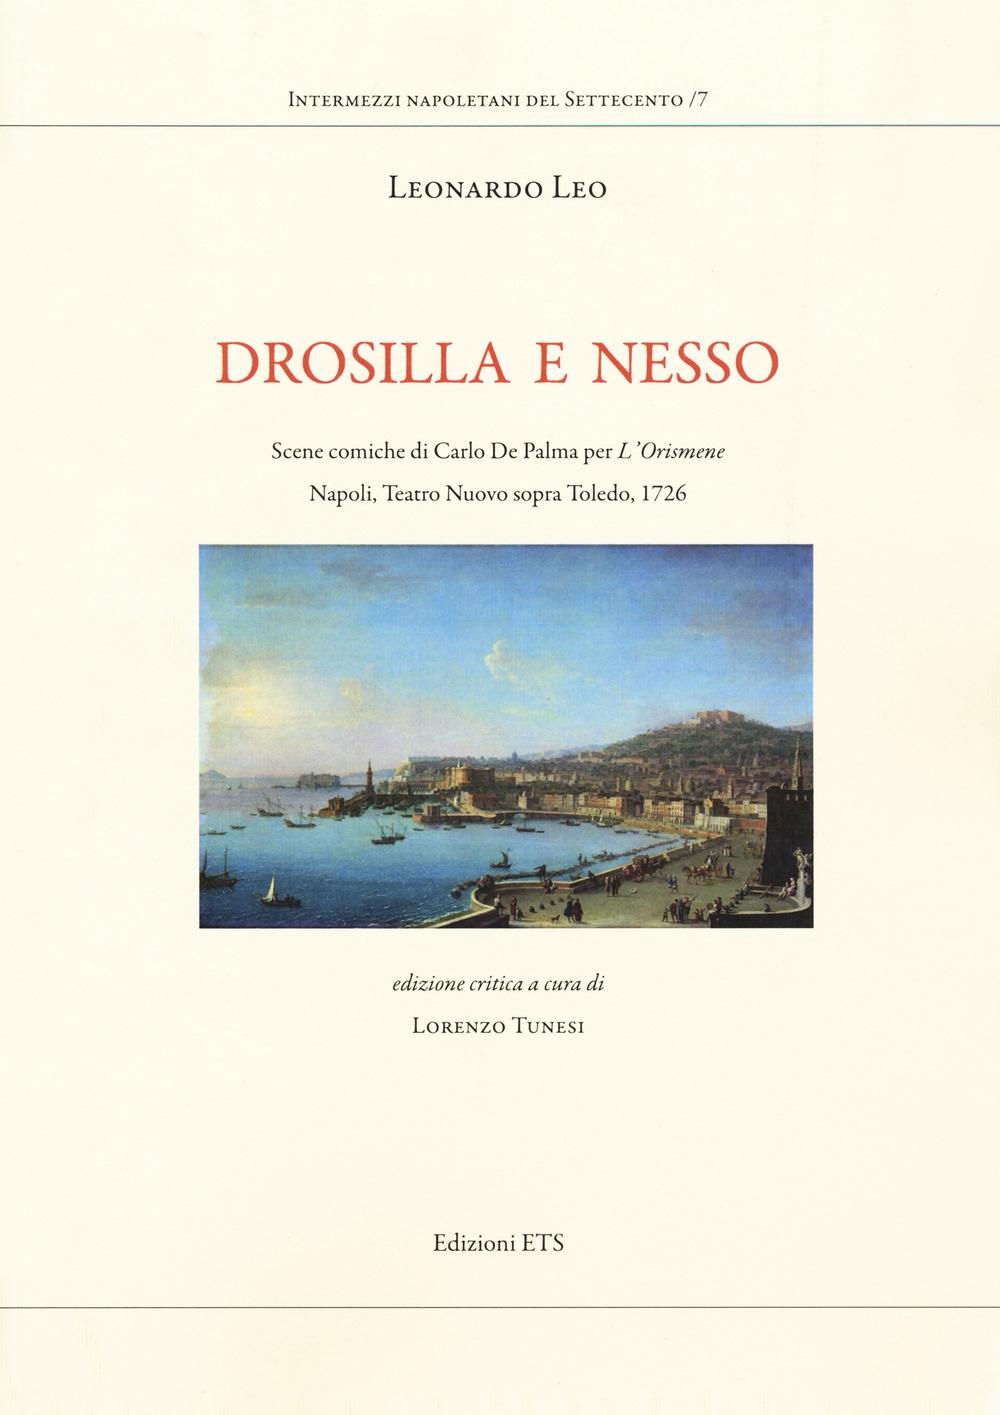 Drosilla e Nesso. Scene Comiche di Carlo De Palma per l'Orismene. Napoli, teatro Nuovo sopra Toledo, 1726.